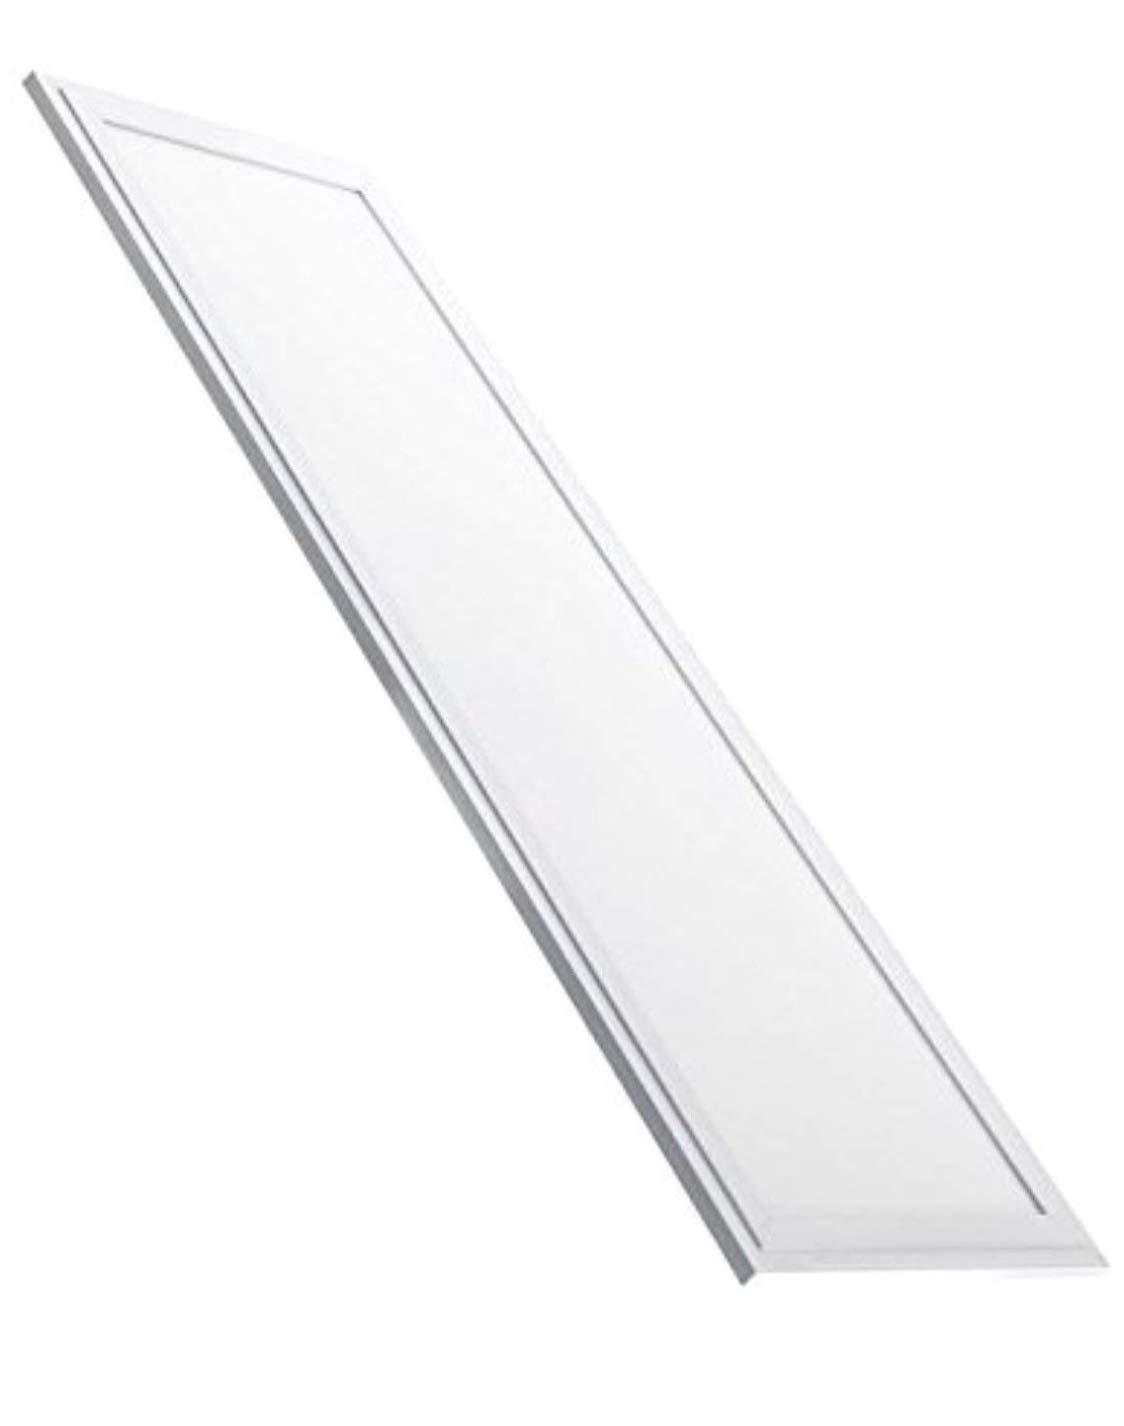 (LA) Panel LED slim 120x 30cm, 48W, colore: Bianco freddo (K,), 4100lumen reali. vendita dalla Spagna